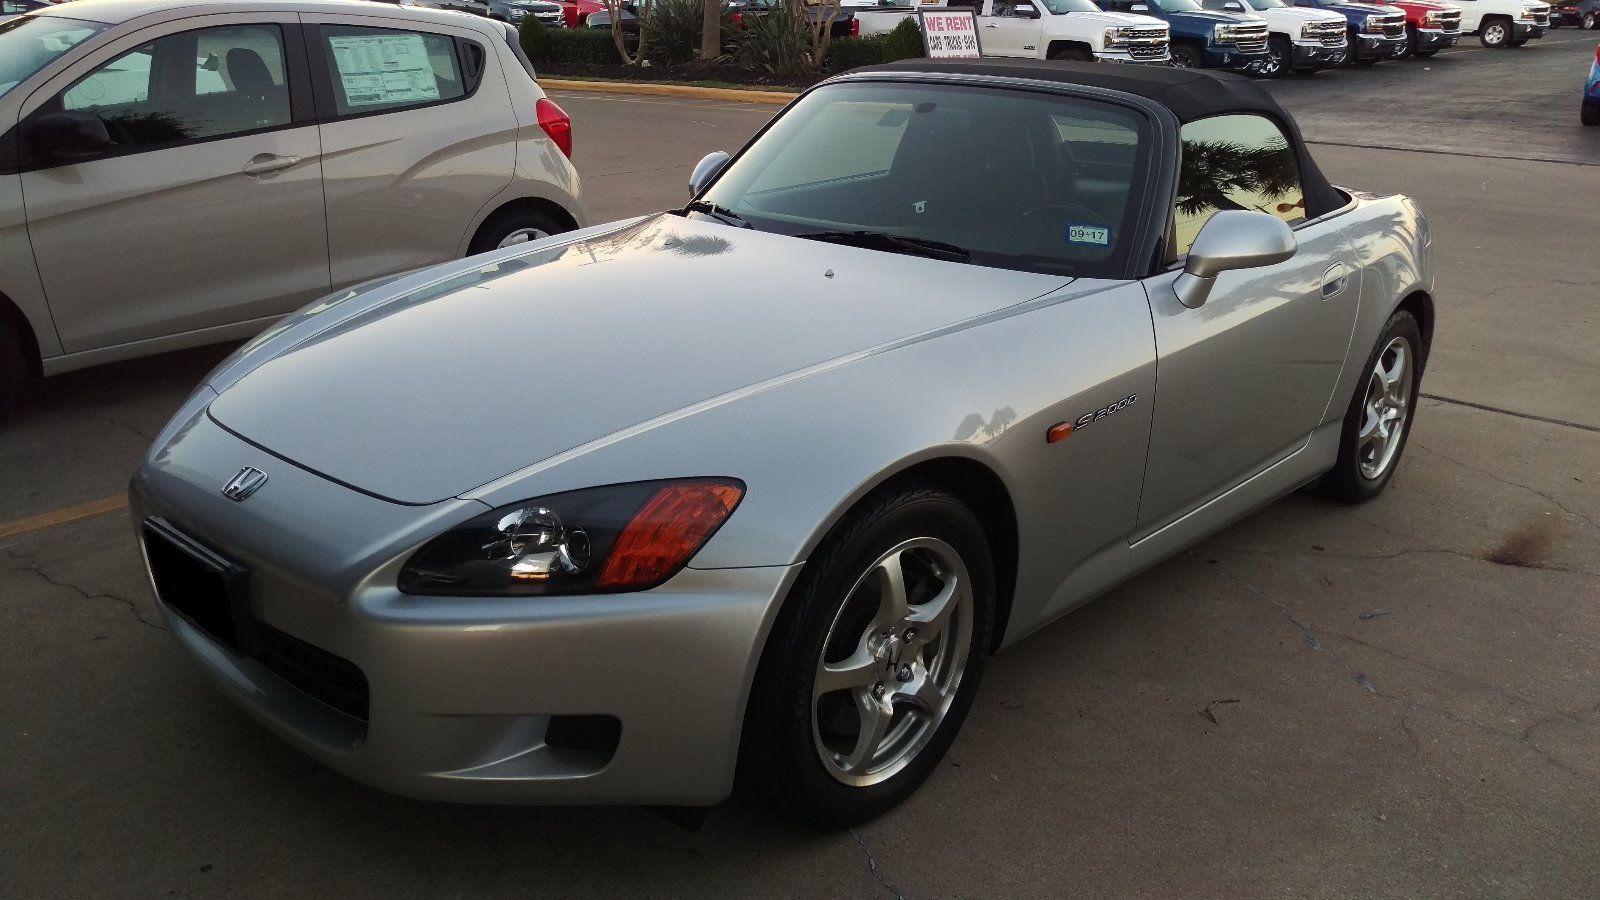 2003 Honda S2000 - $23,746.00